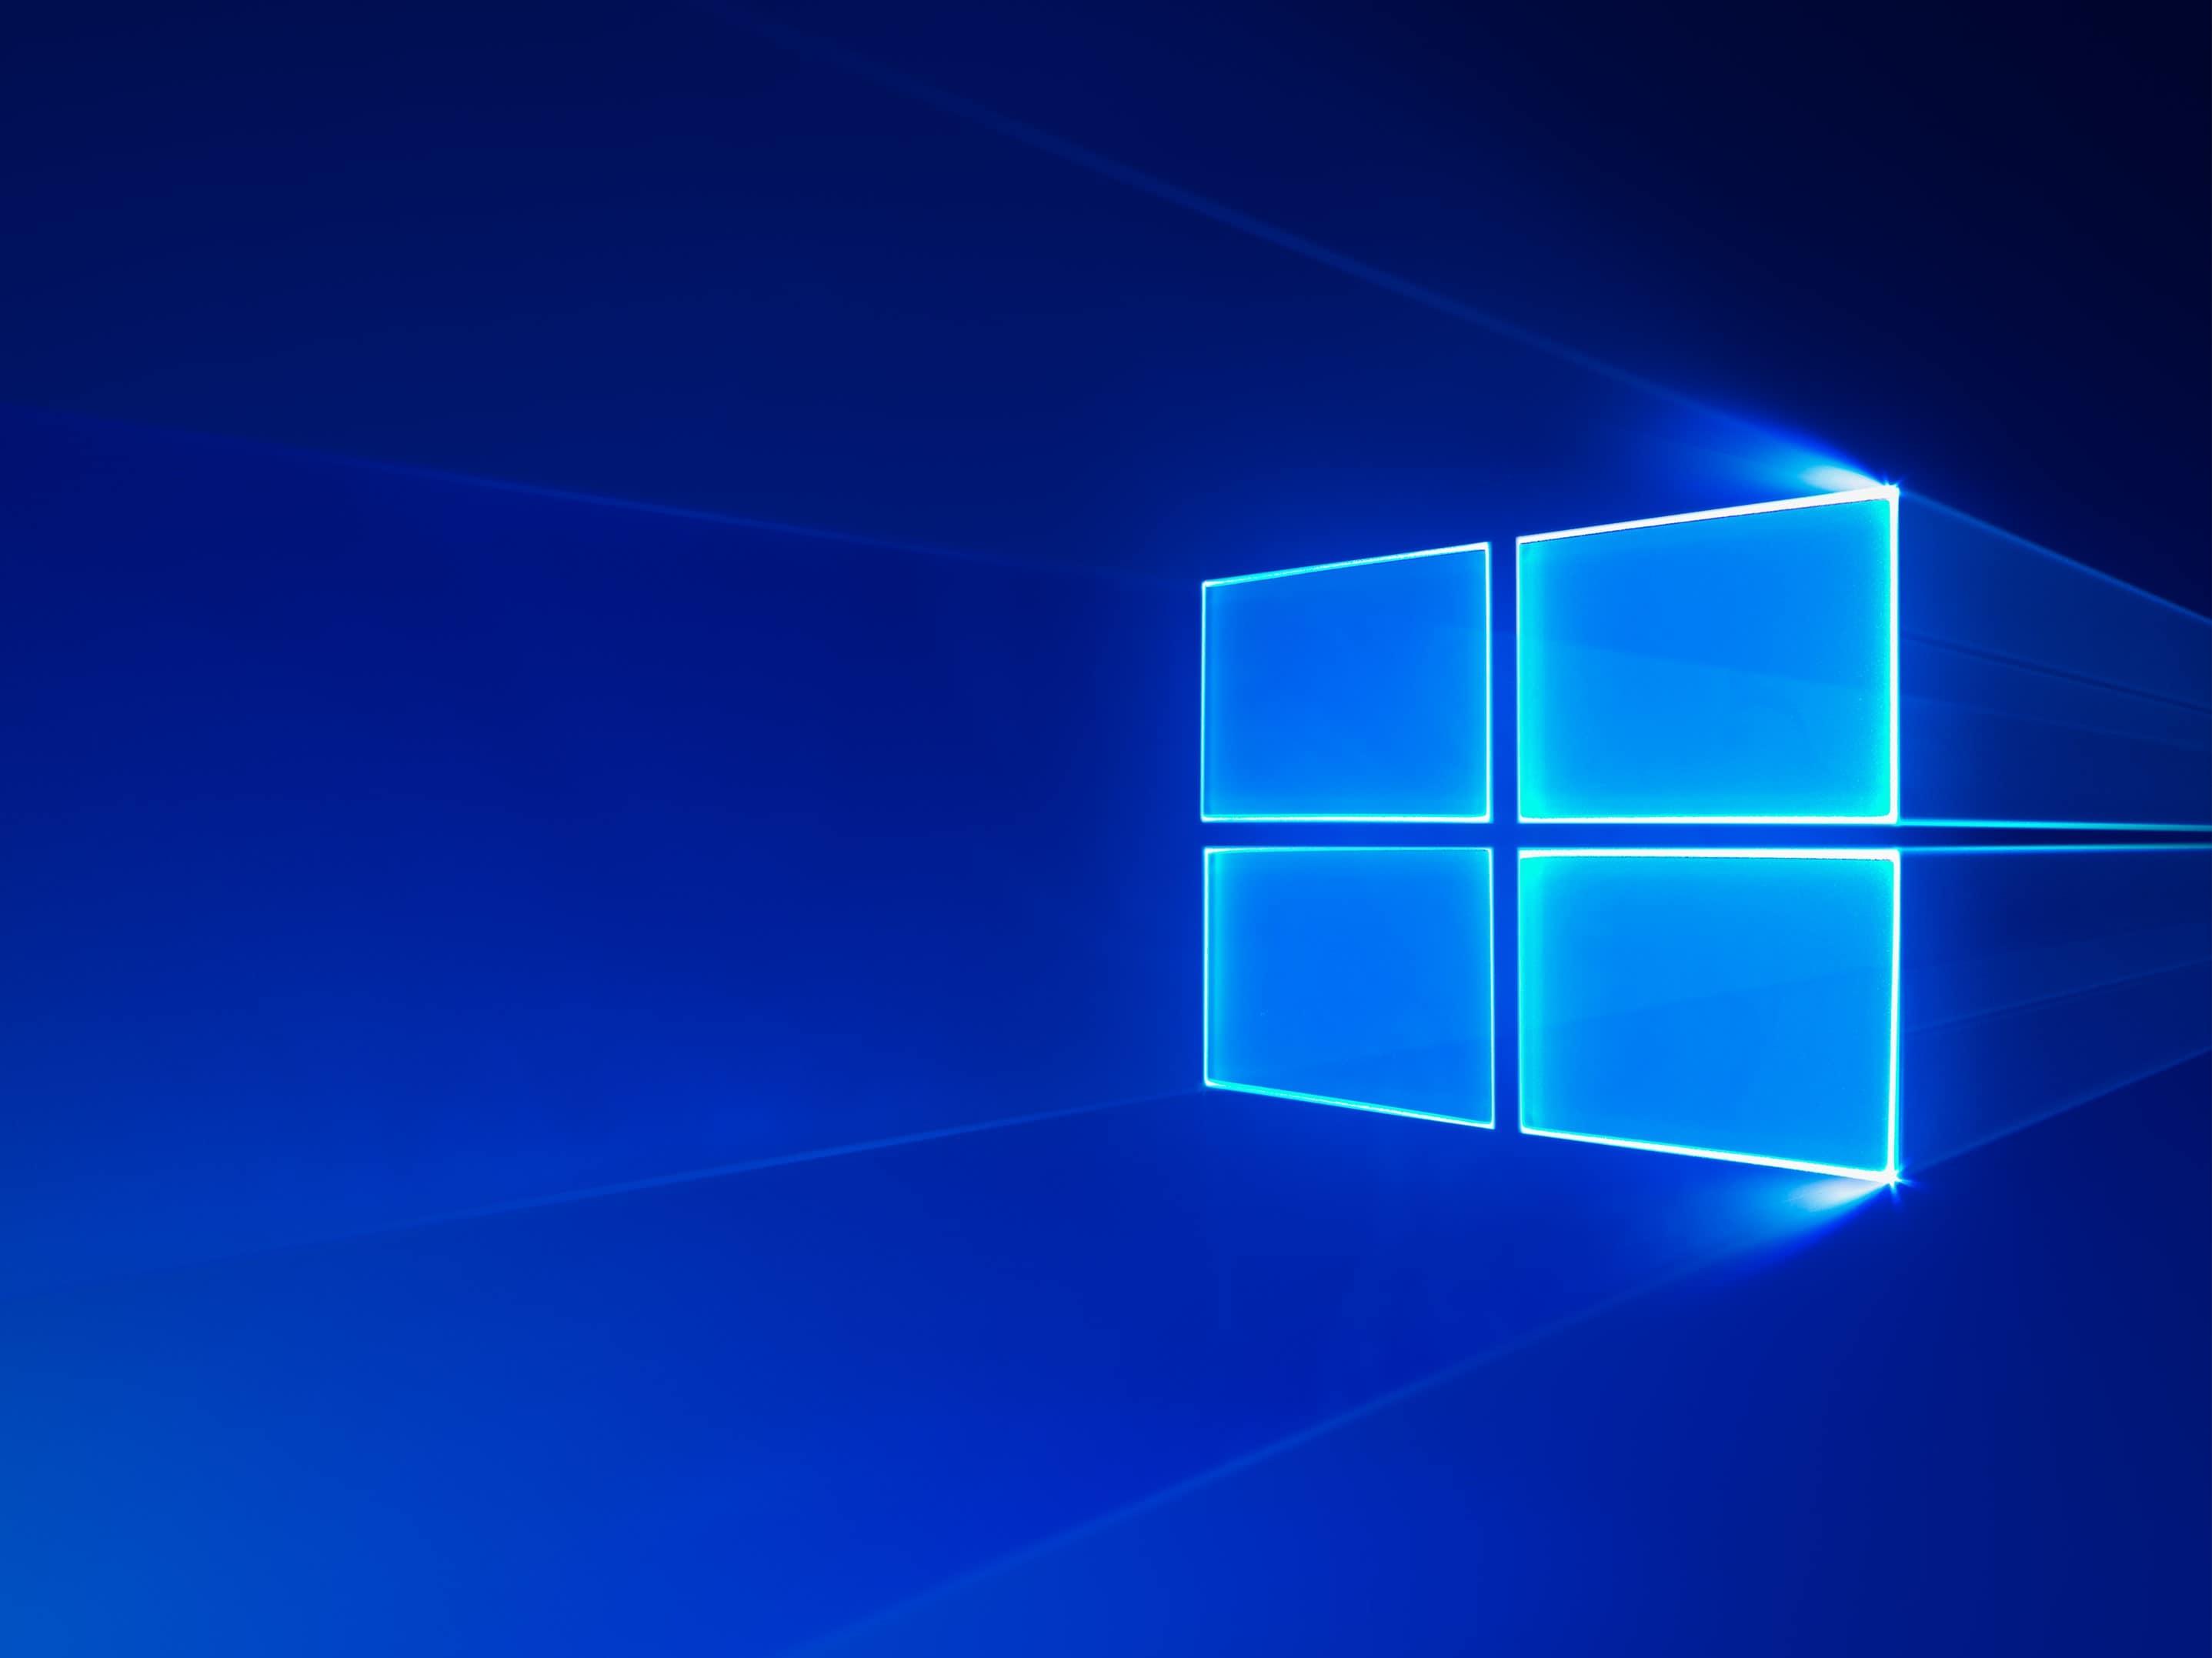 Comment désactiver toutes les pubs dans Windows 10 Creators Update ?